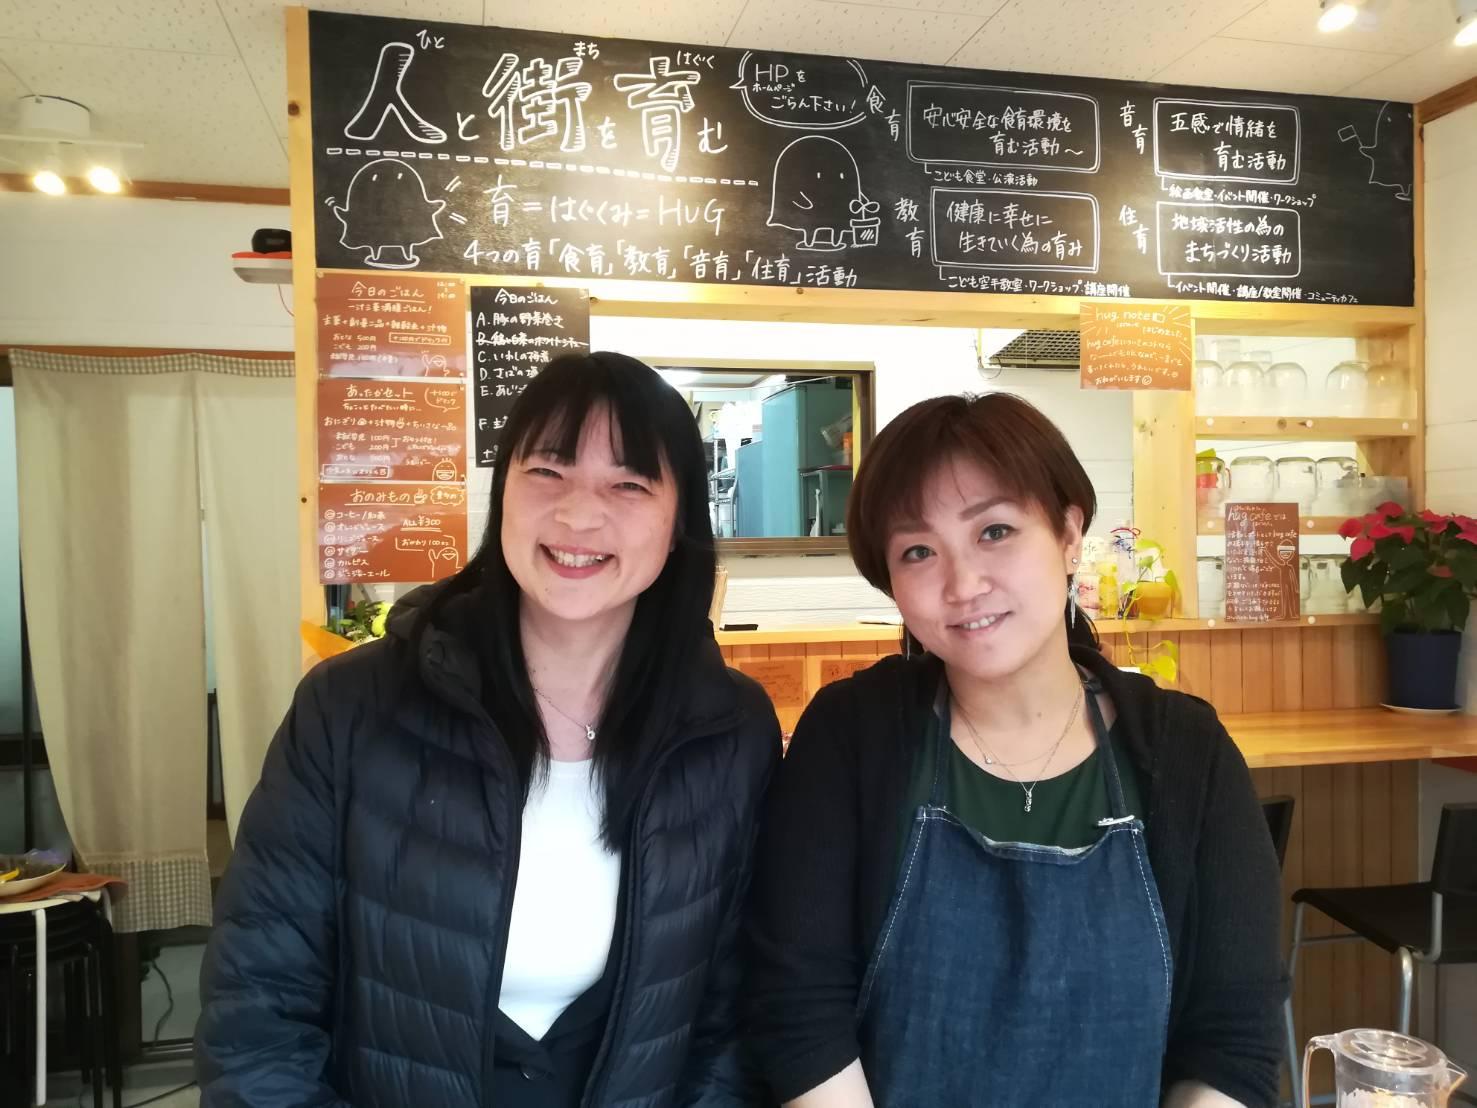 辻由紀子さんにお越しいただきました♪